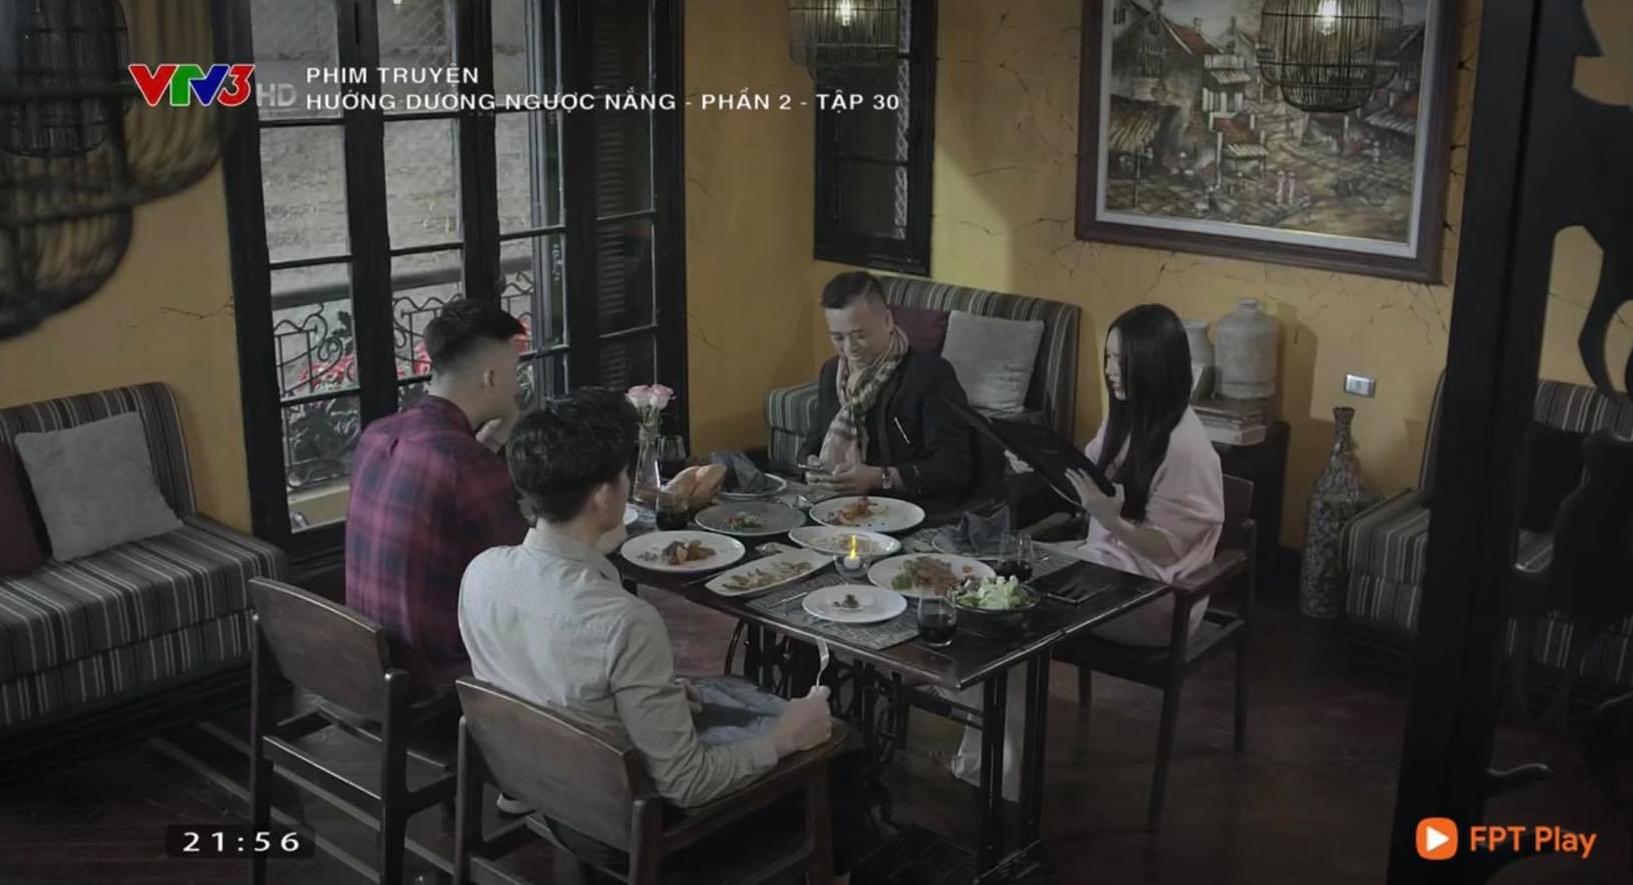 Hướng dương ngược nắng: Ngã ngửa với mối quan hệ giữa ông chủ quán cafe và  Minh, thậm chí cả Kiên cũng có dính líu